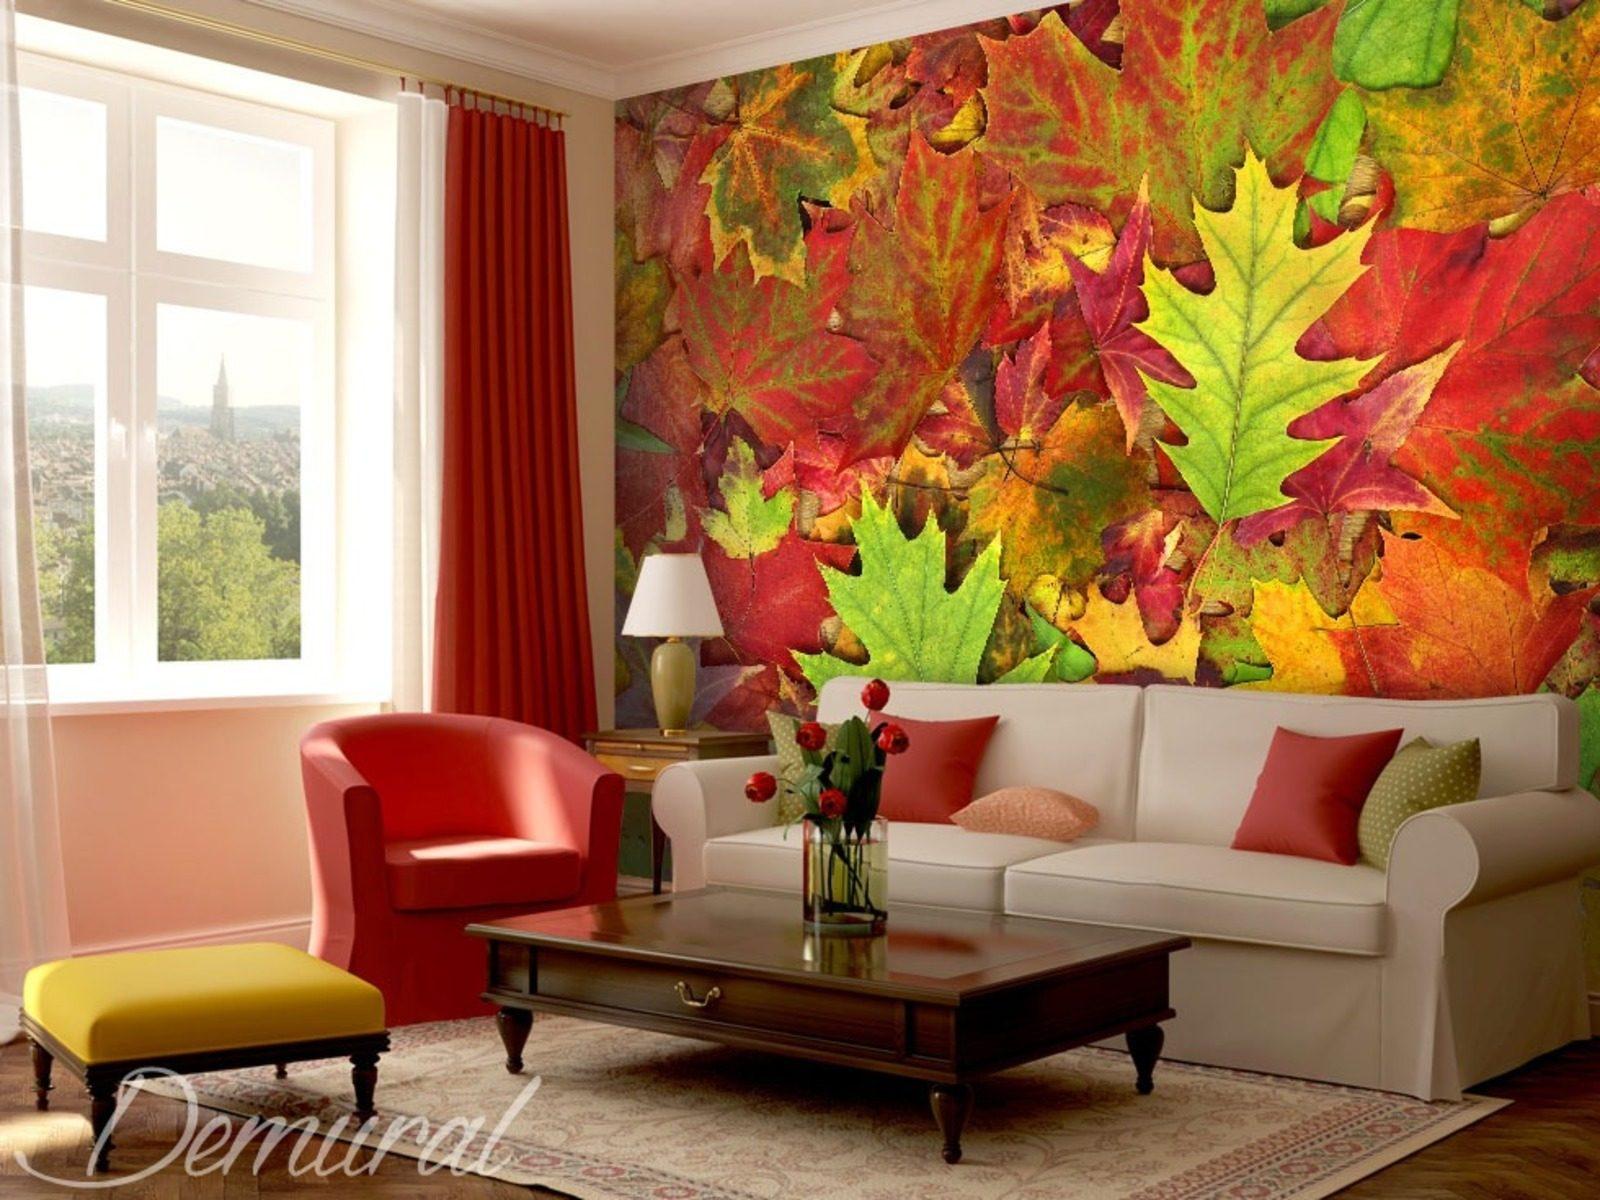 mit der Farbe tanzende Blättern  Fototapeten Texturen  Fototapeten